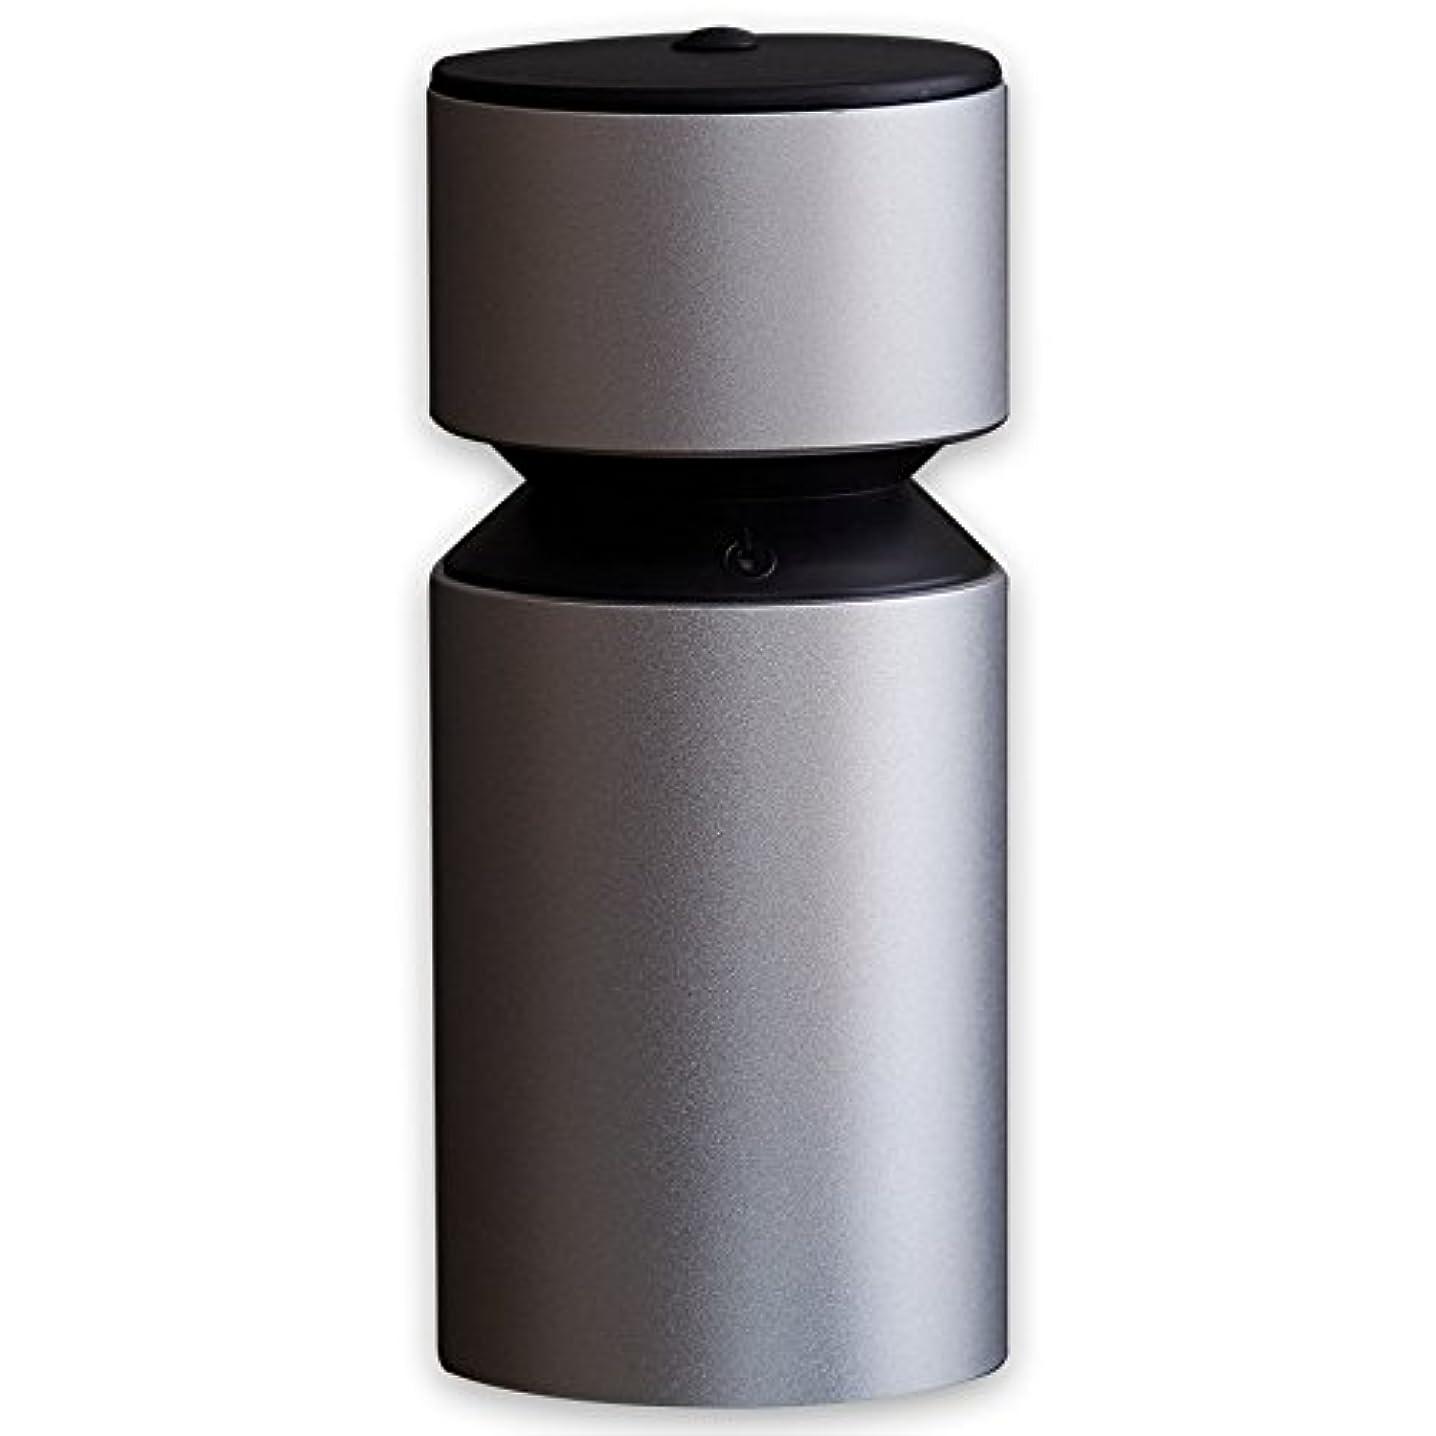 恩恵遺体安置所彼自身アロマディフューザー UR-AROMA03 卓上 小型 加湿器 Uruon(ウルオン) オーガニックアロマオイル対応 天然アロマオイル AROMA ポータブル usb コンパクト 充電式 タンブラー 2way アロマドロップ方式